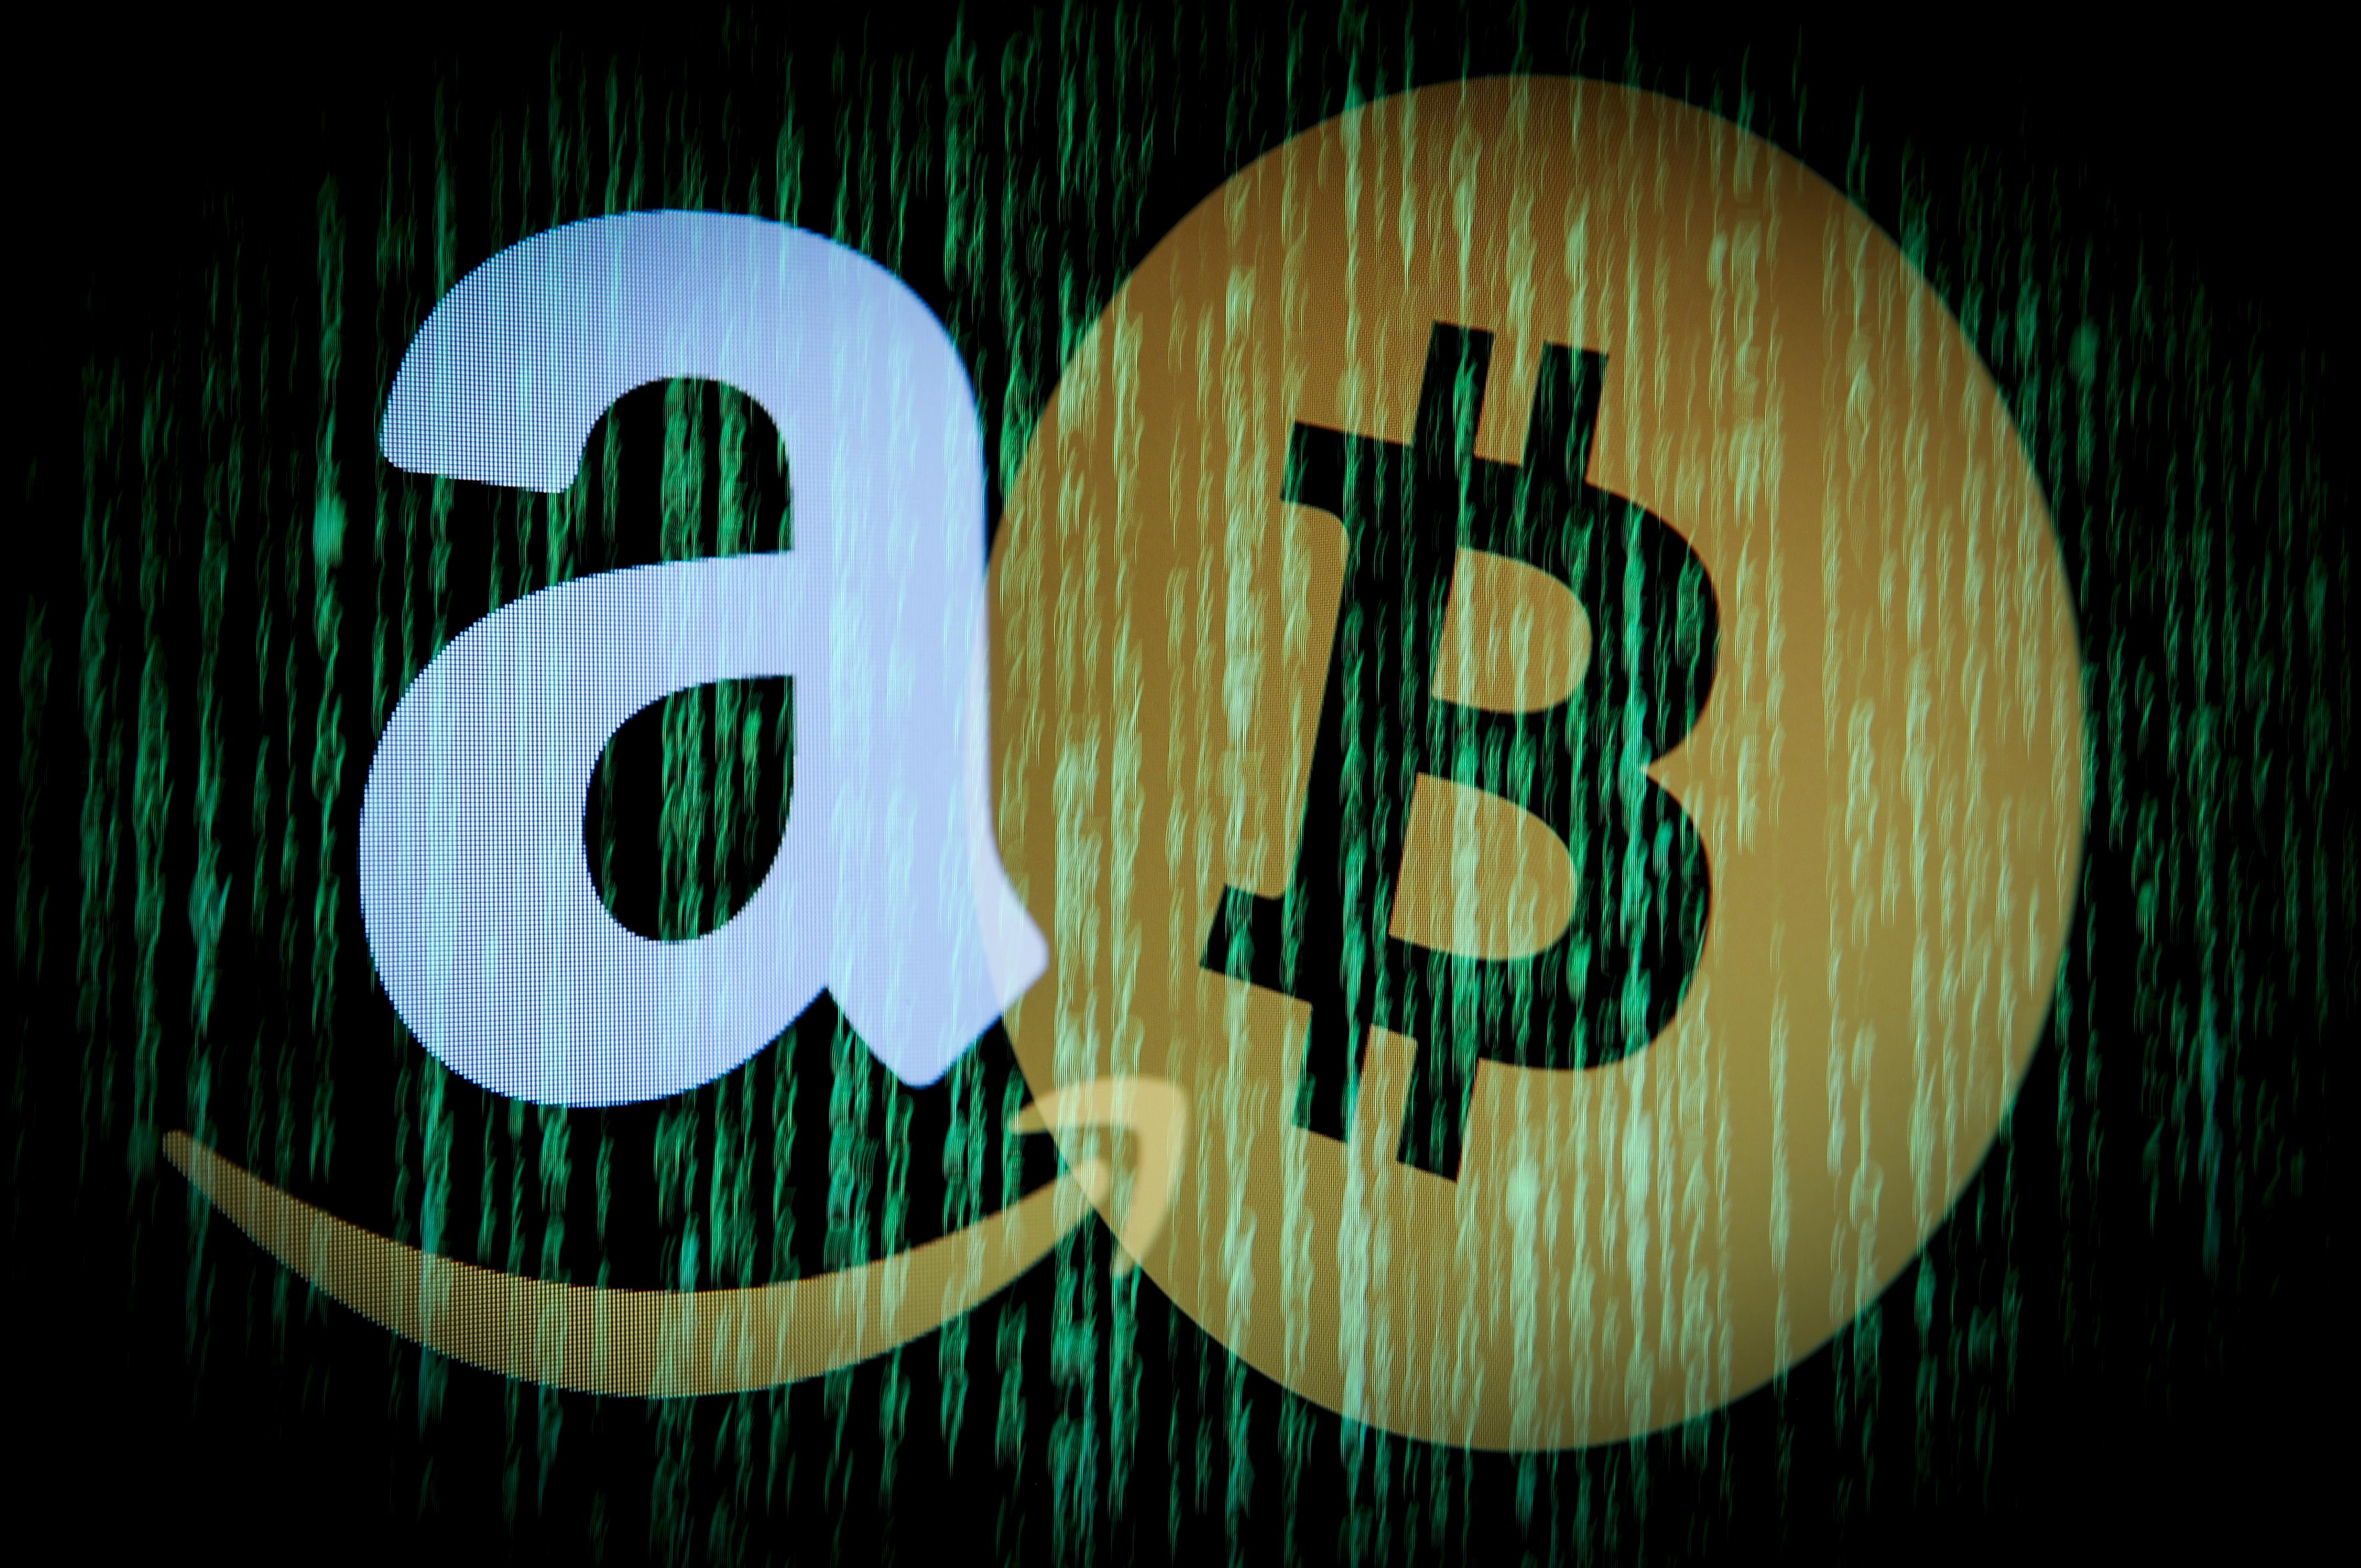 Bitcoin per pagare i prodotti acquistati su Amazon? (update)